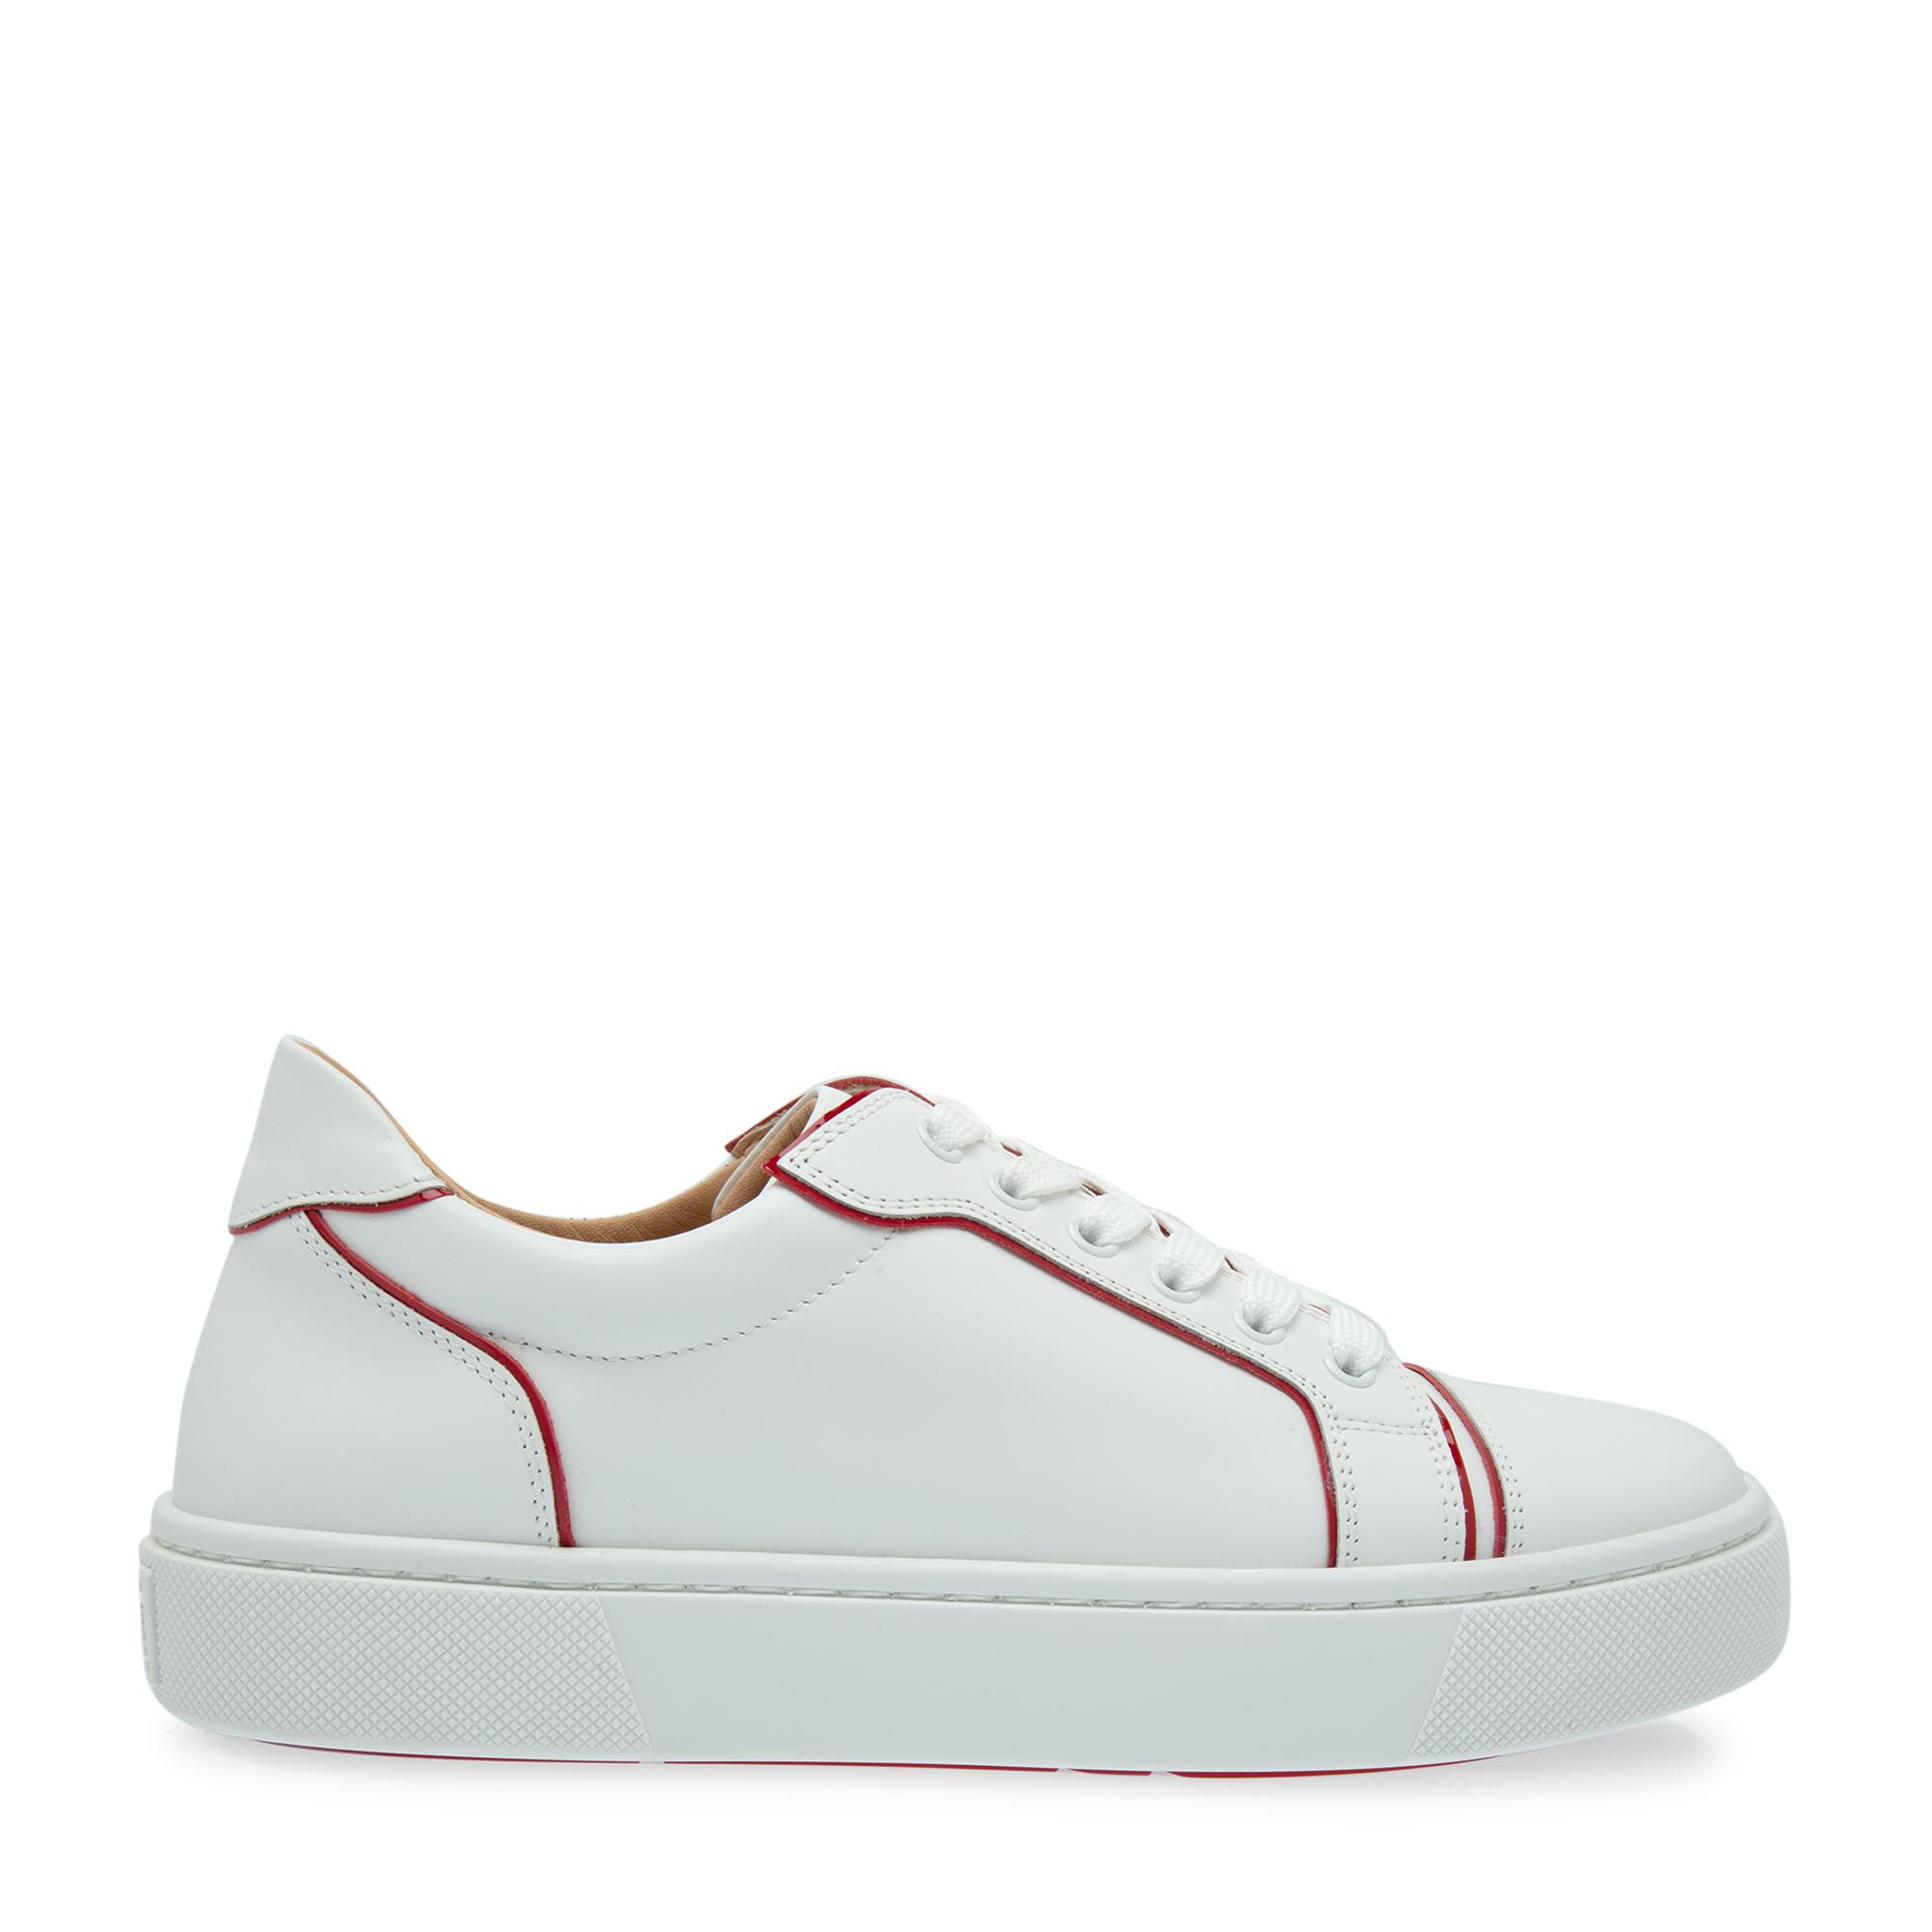 Vieirissima sneakers